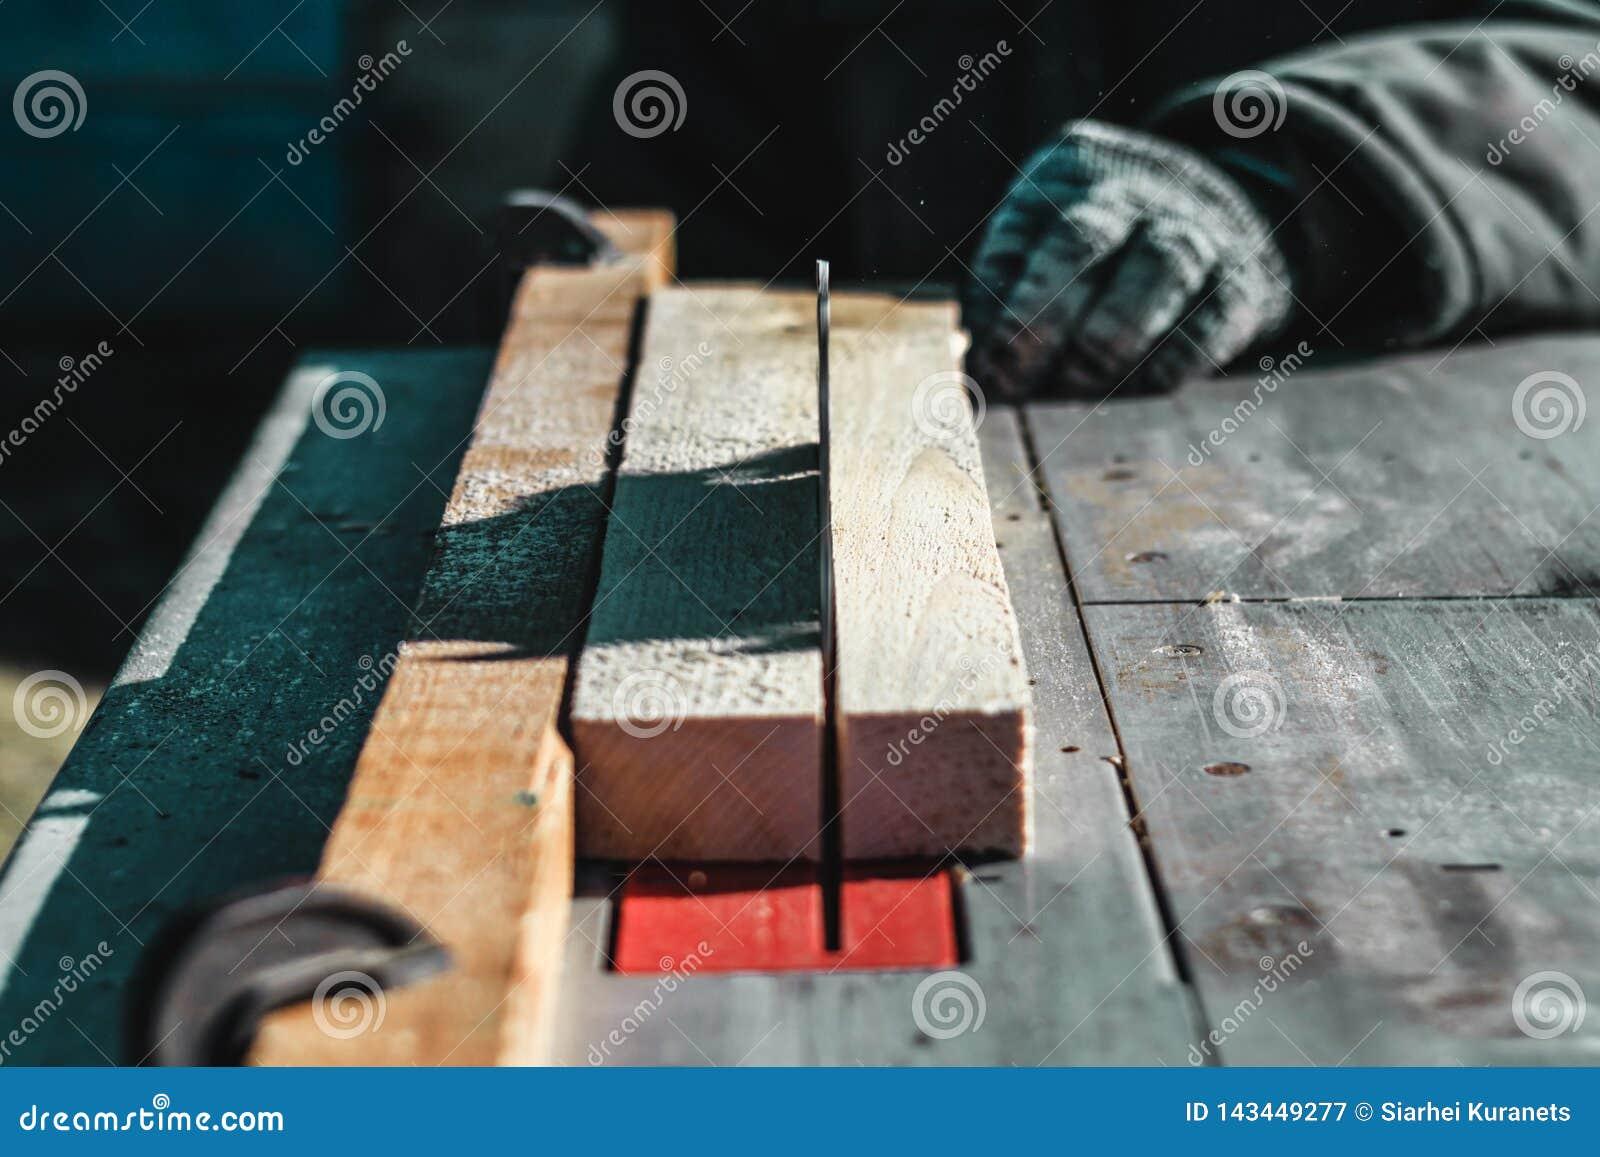 άμεσο λευκό πριονιών λεπίδων ανασκόπησης το αυτοκίνητο πριονίζει το ξύλο υπάρχει ένας πίνακας στο υπόβαθρο Λειτουργώντας χέρι